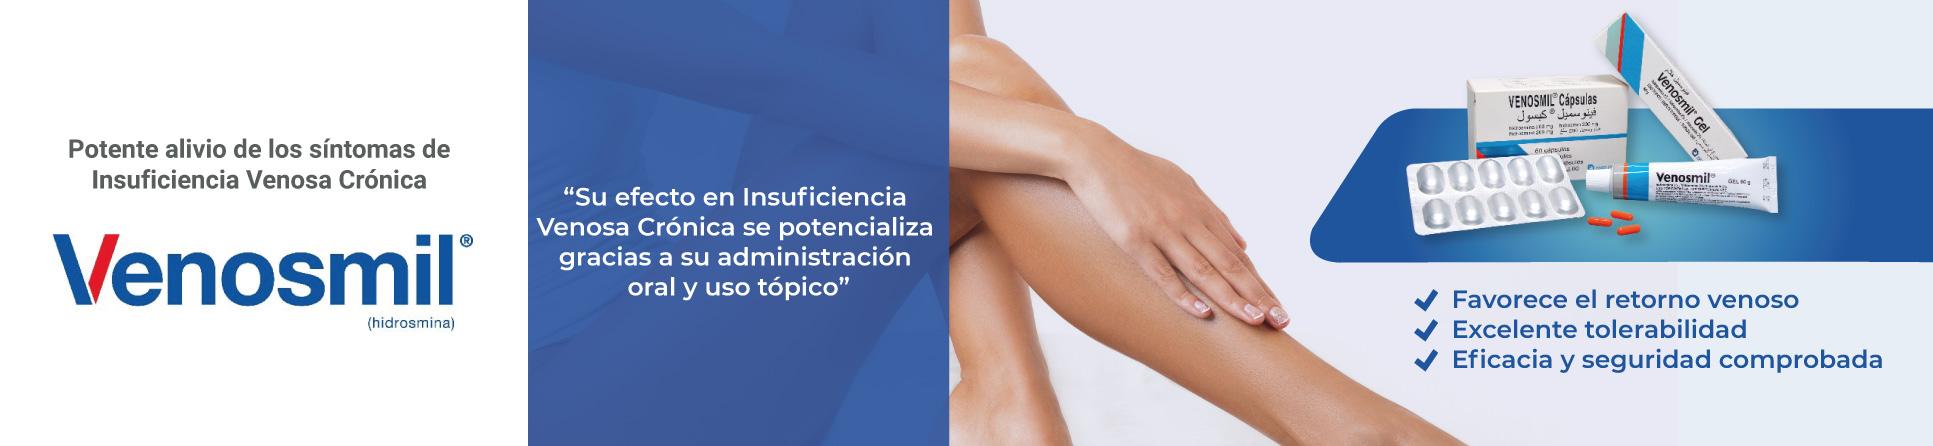 ¿Para qué se utiliza Venosmil?- Venosmil se utiliza para el alivio del hinchazón y de los síntomas de la insuficiencia venosa leve (IV) como son las piernas cansadas, dolor en las piernas, piernas hinchadas y pesadez en las piernas.